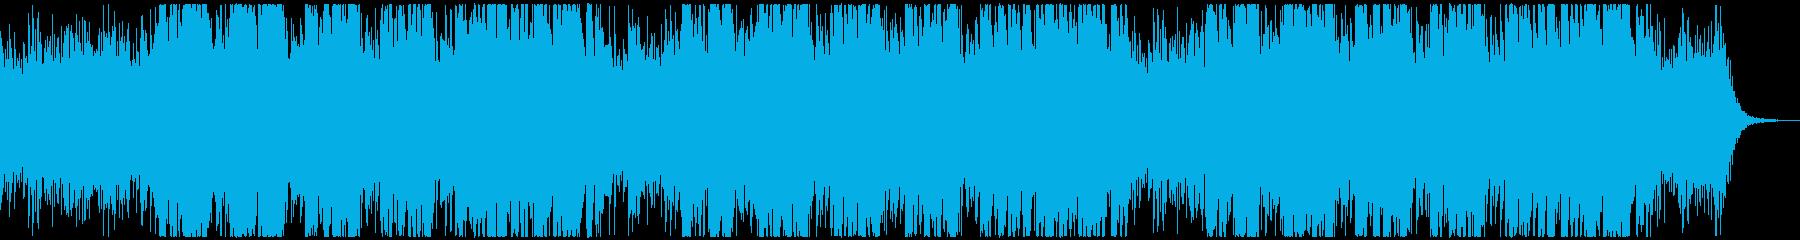 バトルや追われているような緊張感のある曲の再生済みの波形